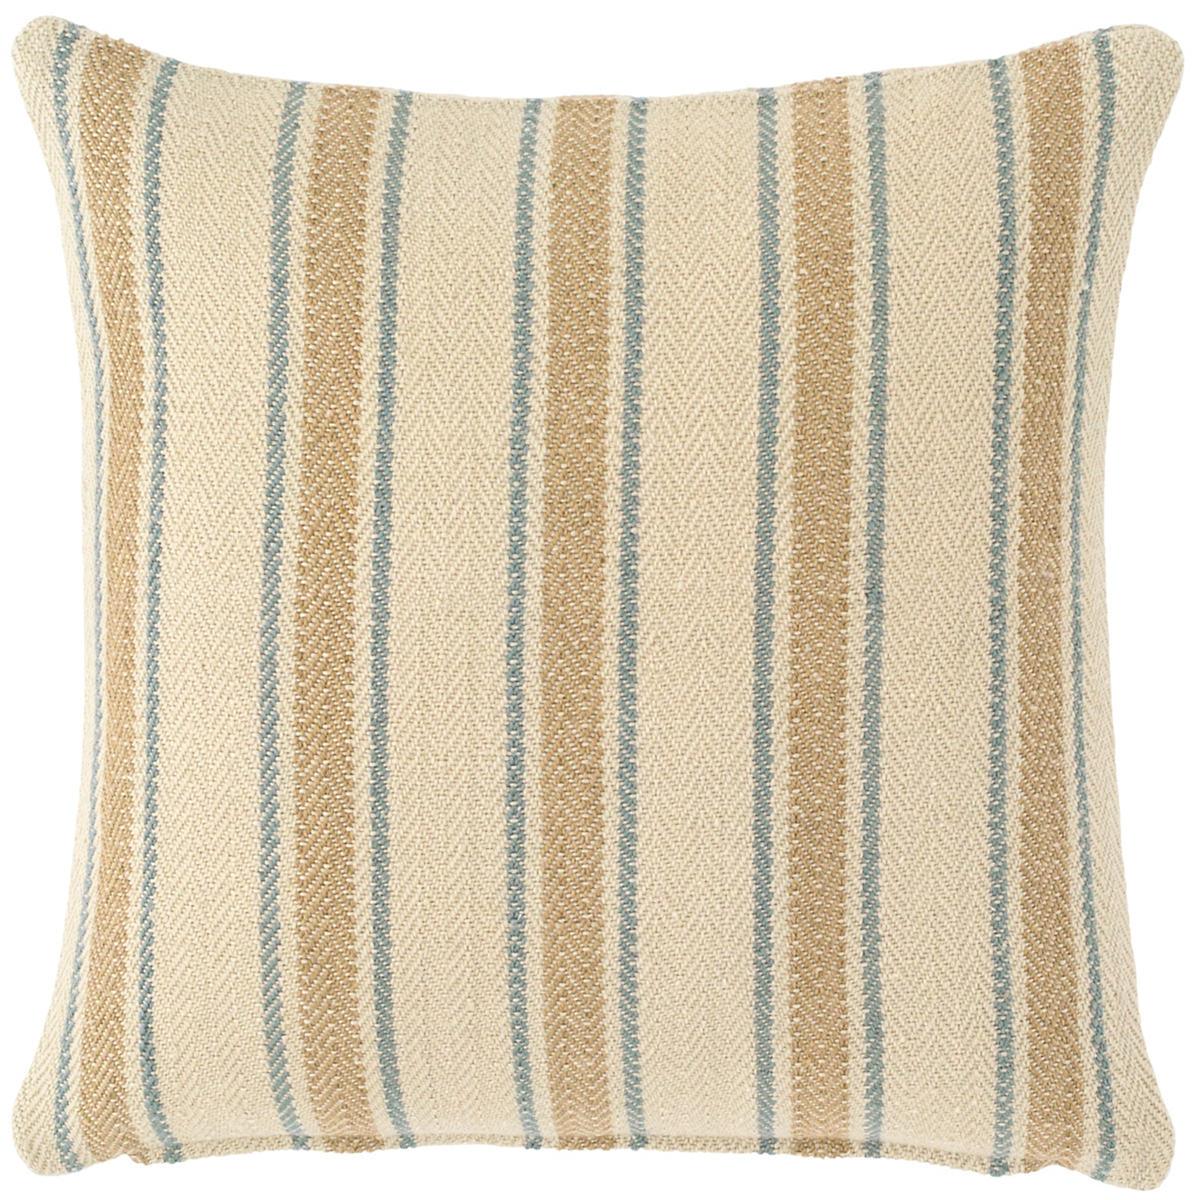 Cambridge Swedish Blue Indoor/Outdoor Pillow